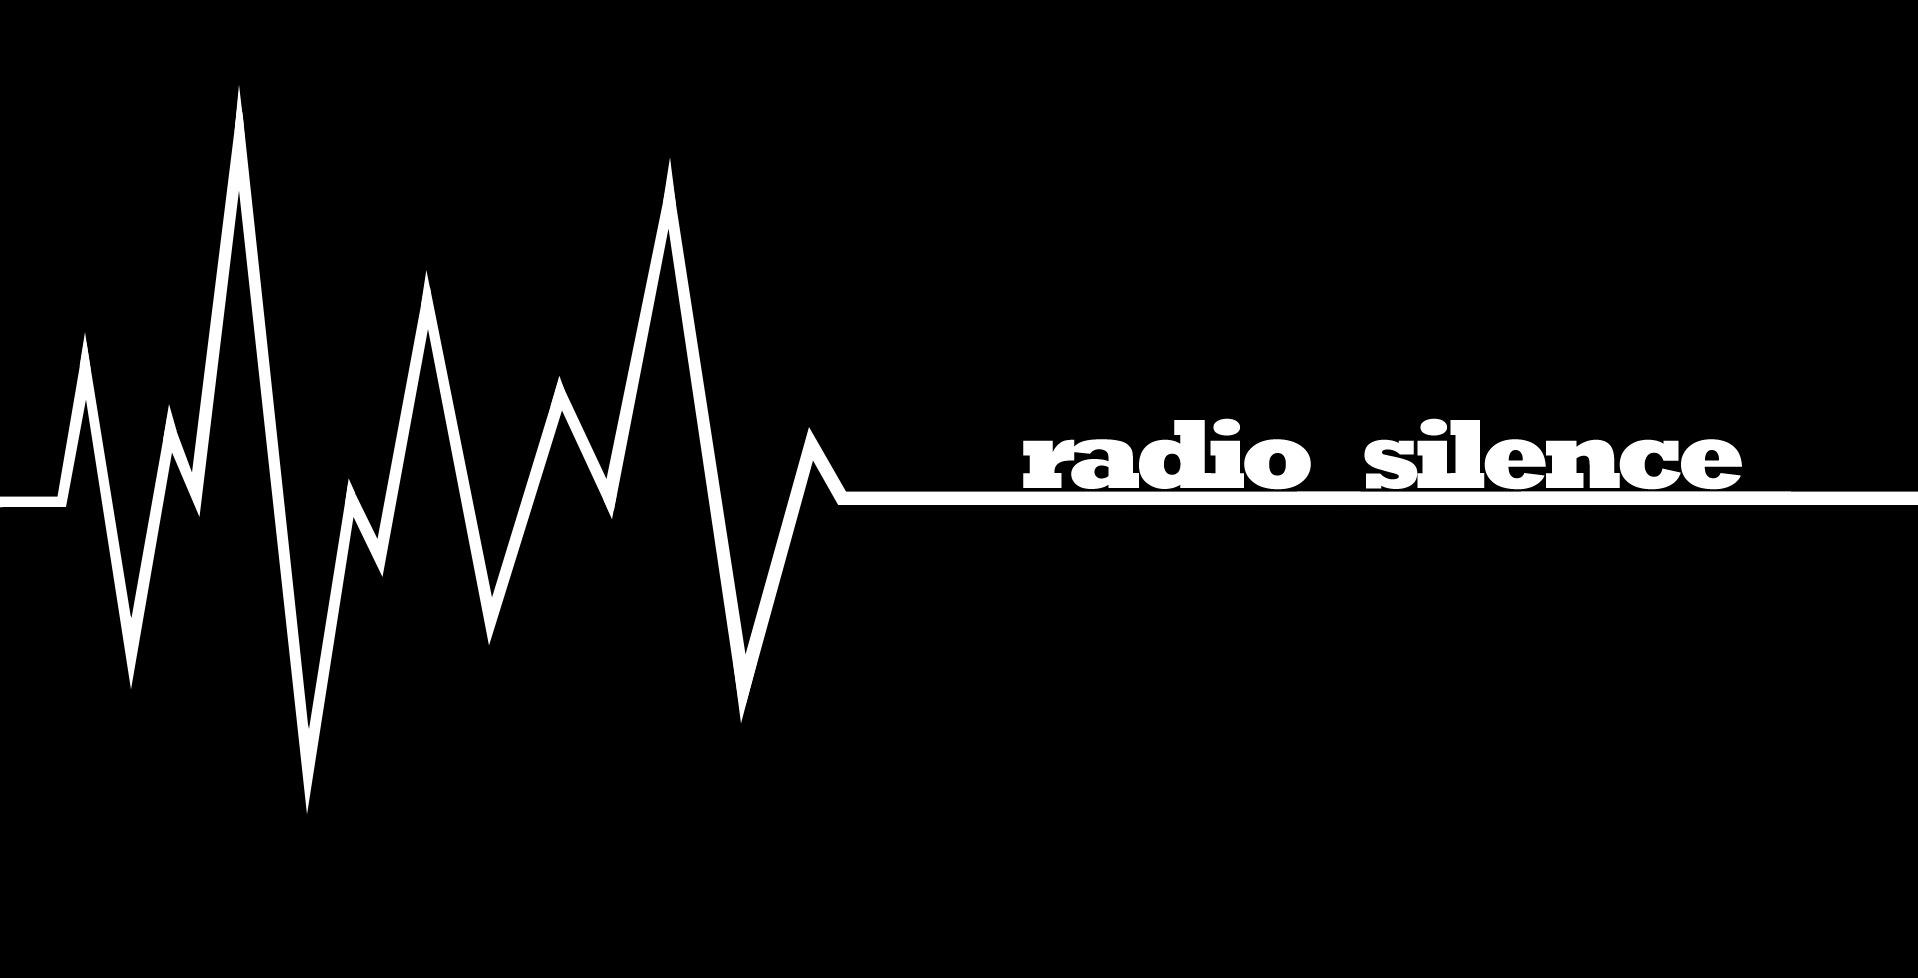 On (my) radio silence - Robin Dance